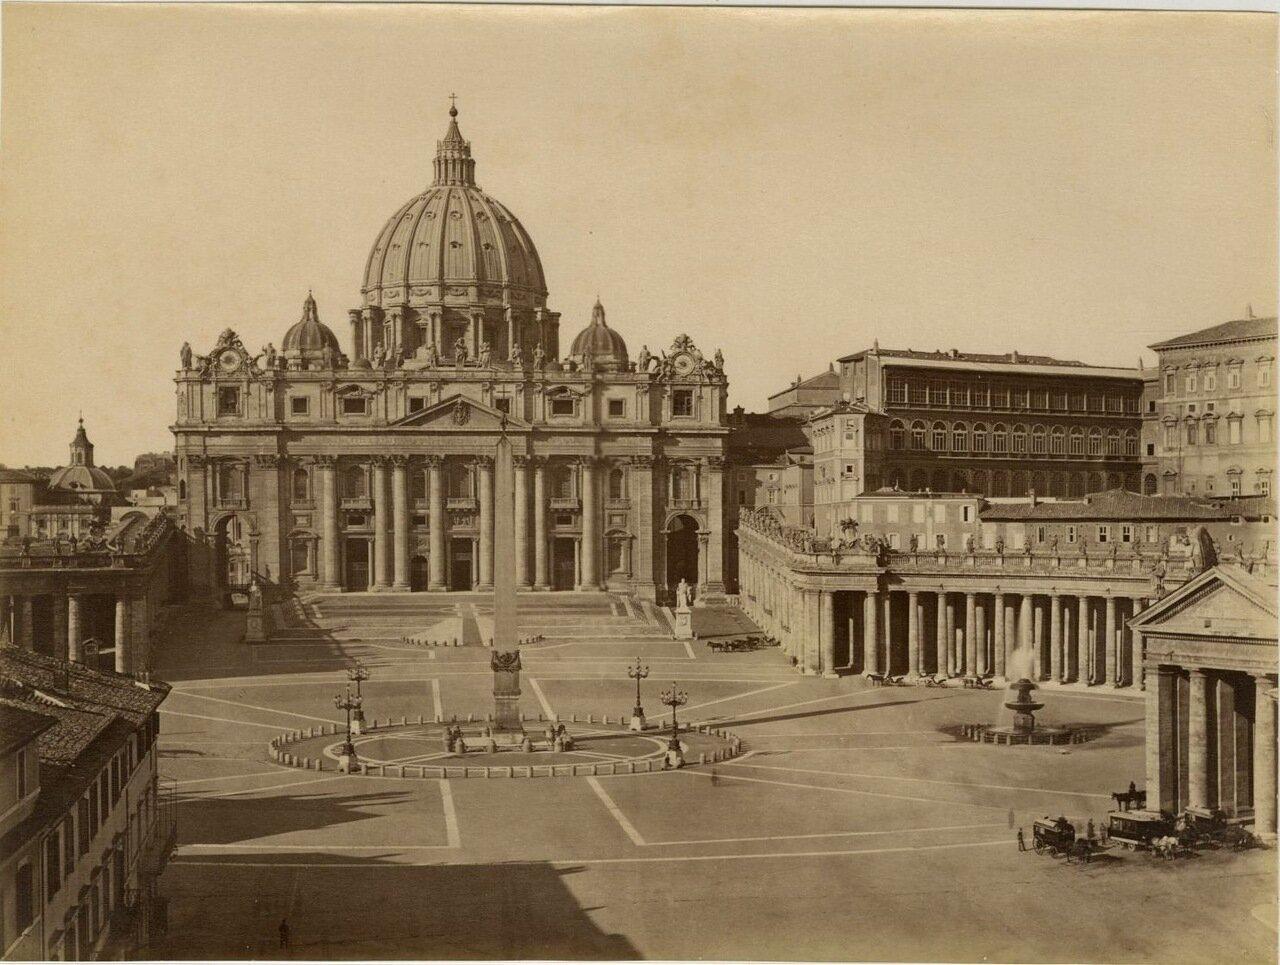 Площадь Святого Петра. Ватикан. 1870.